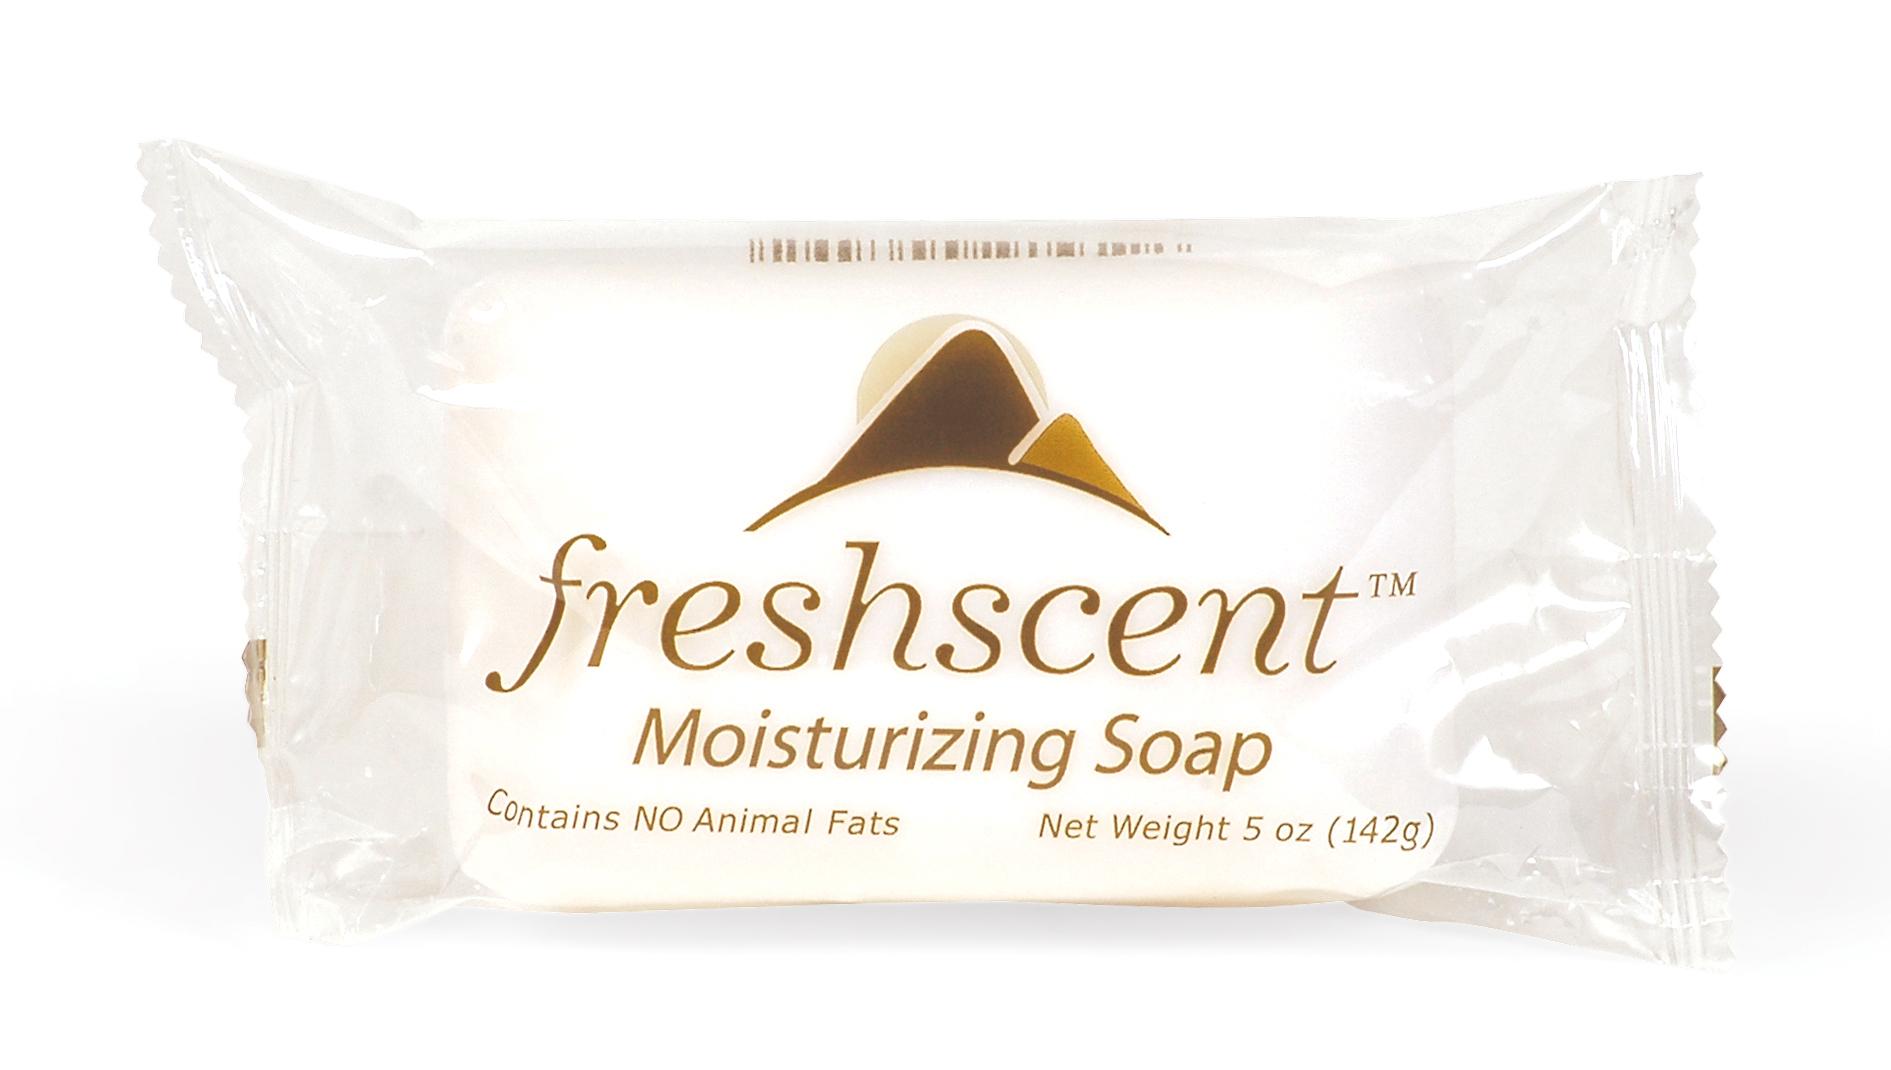 Freshscent 5 oz. Moisturizing SOAP